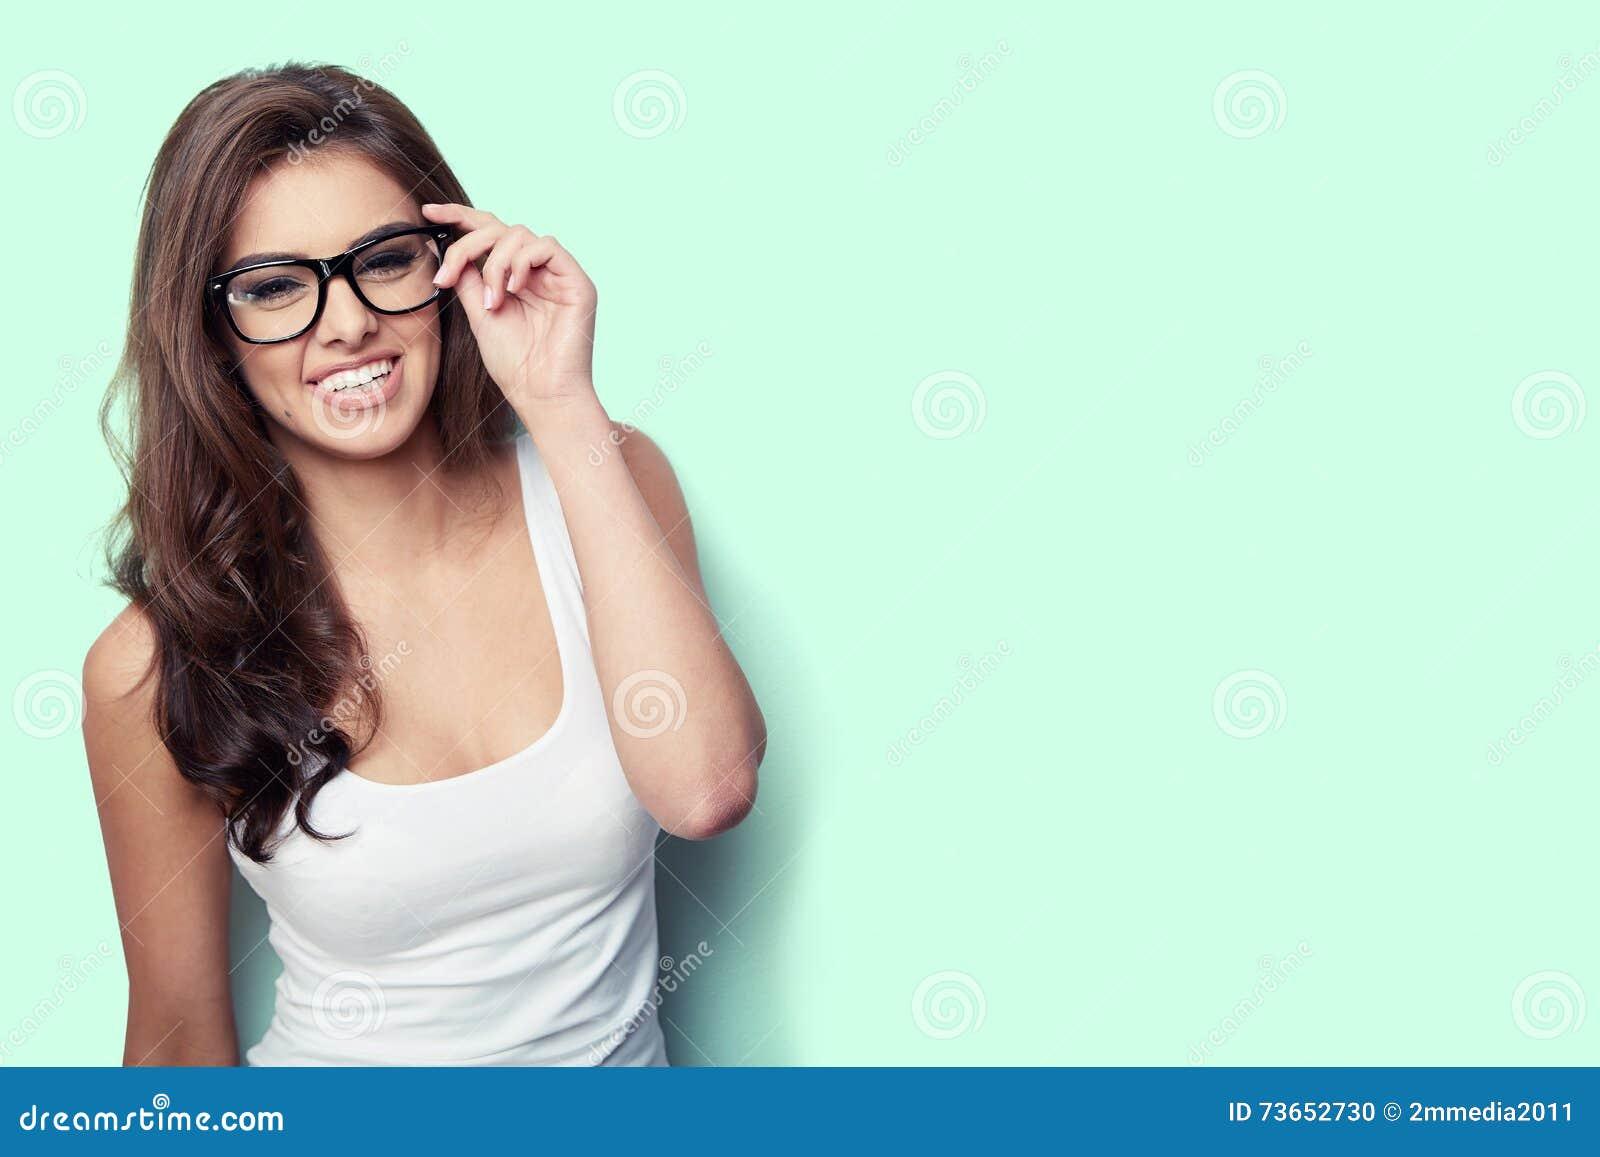 08d0b5cdfcd1 Student girl in white shirt and glasses on green background stock jpg  1300x957 White shirt glasses